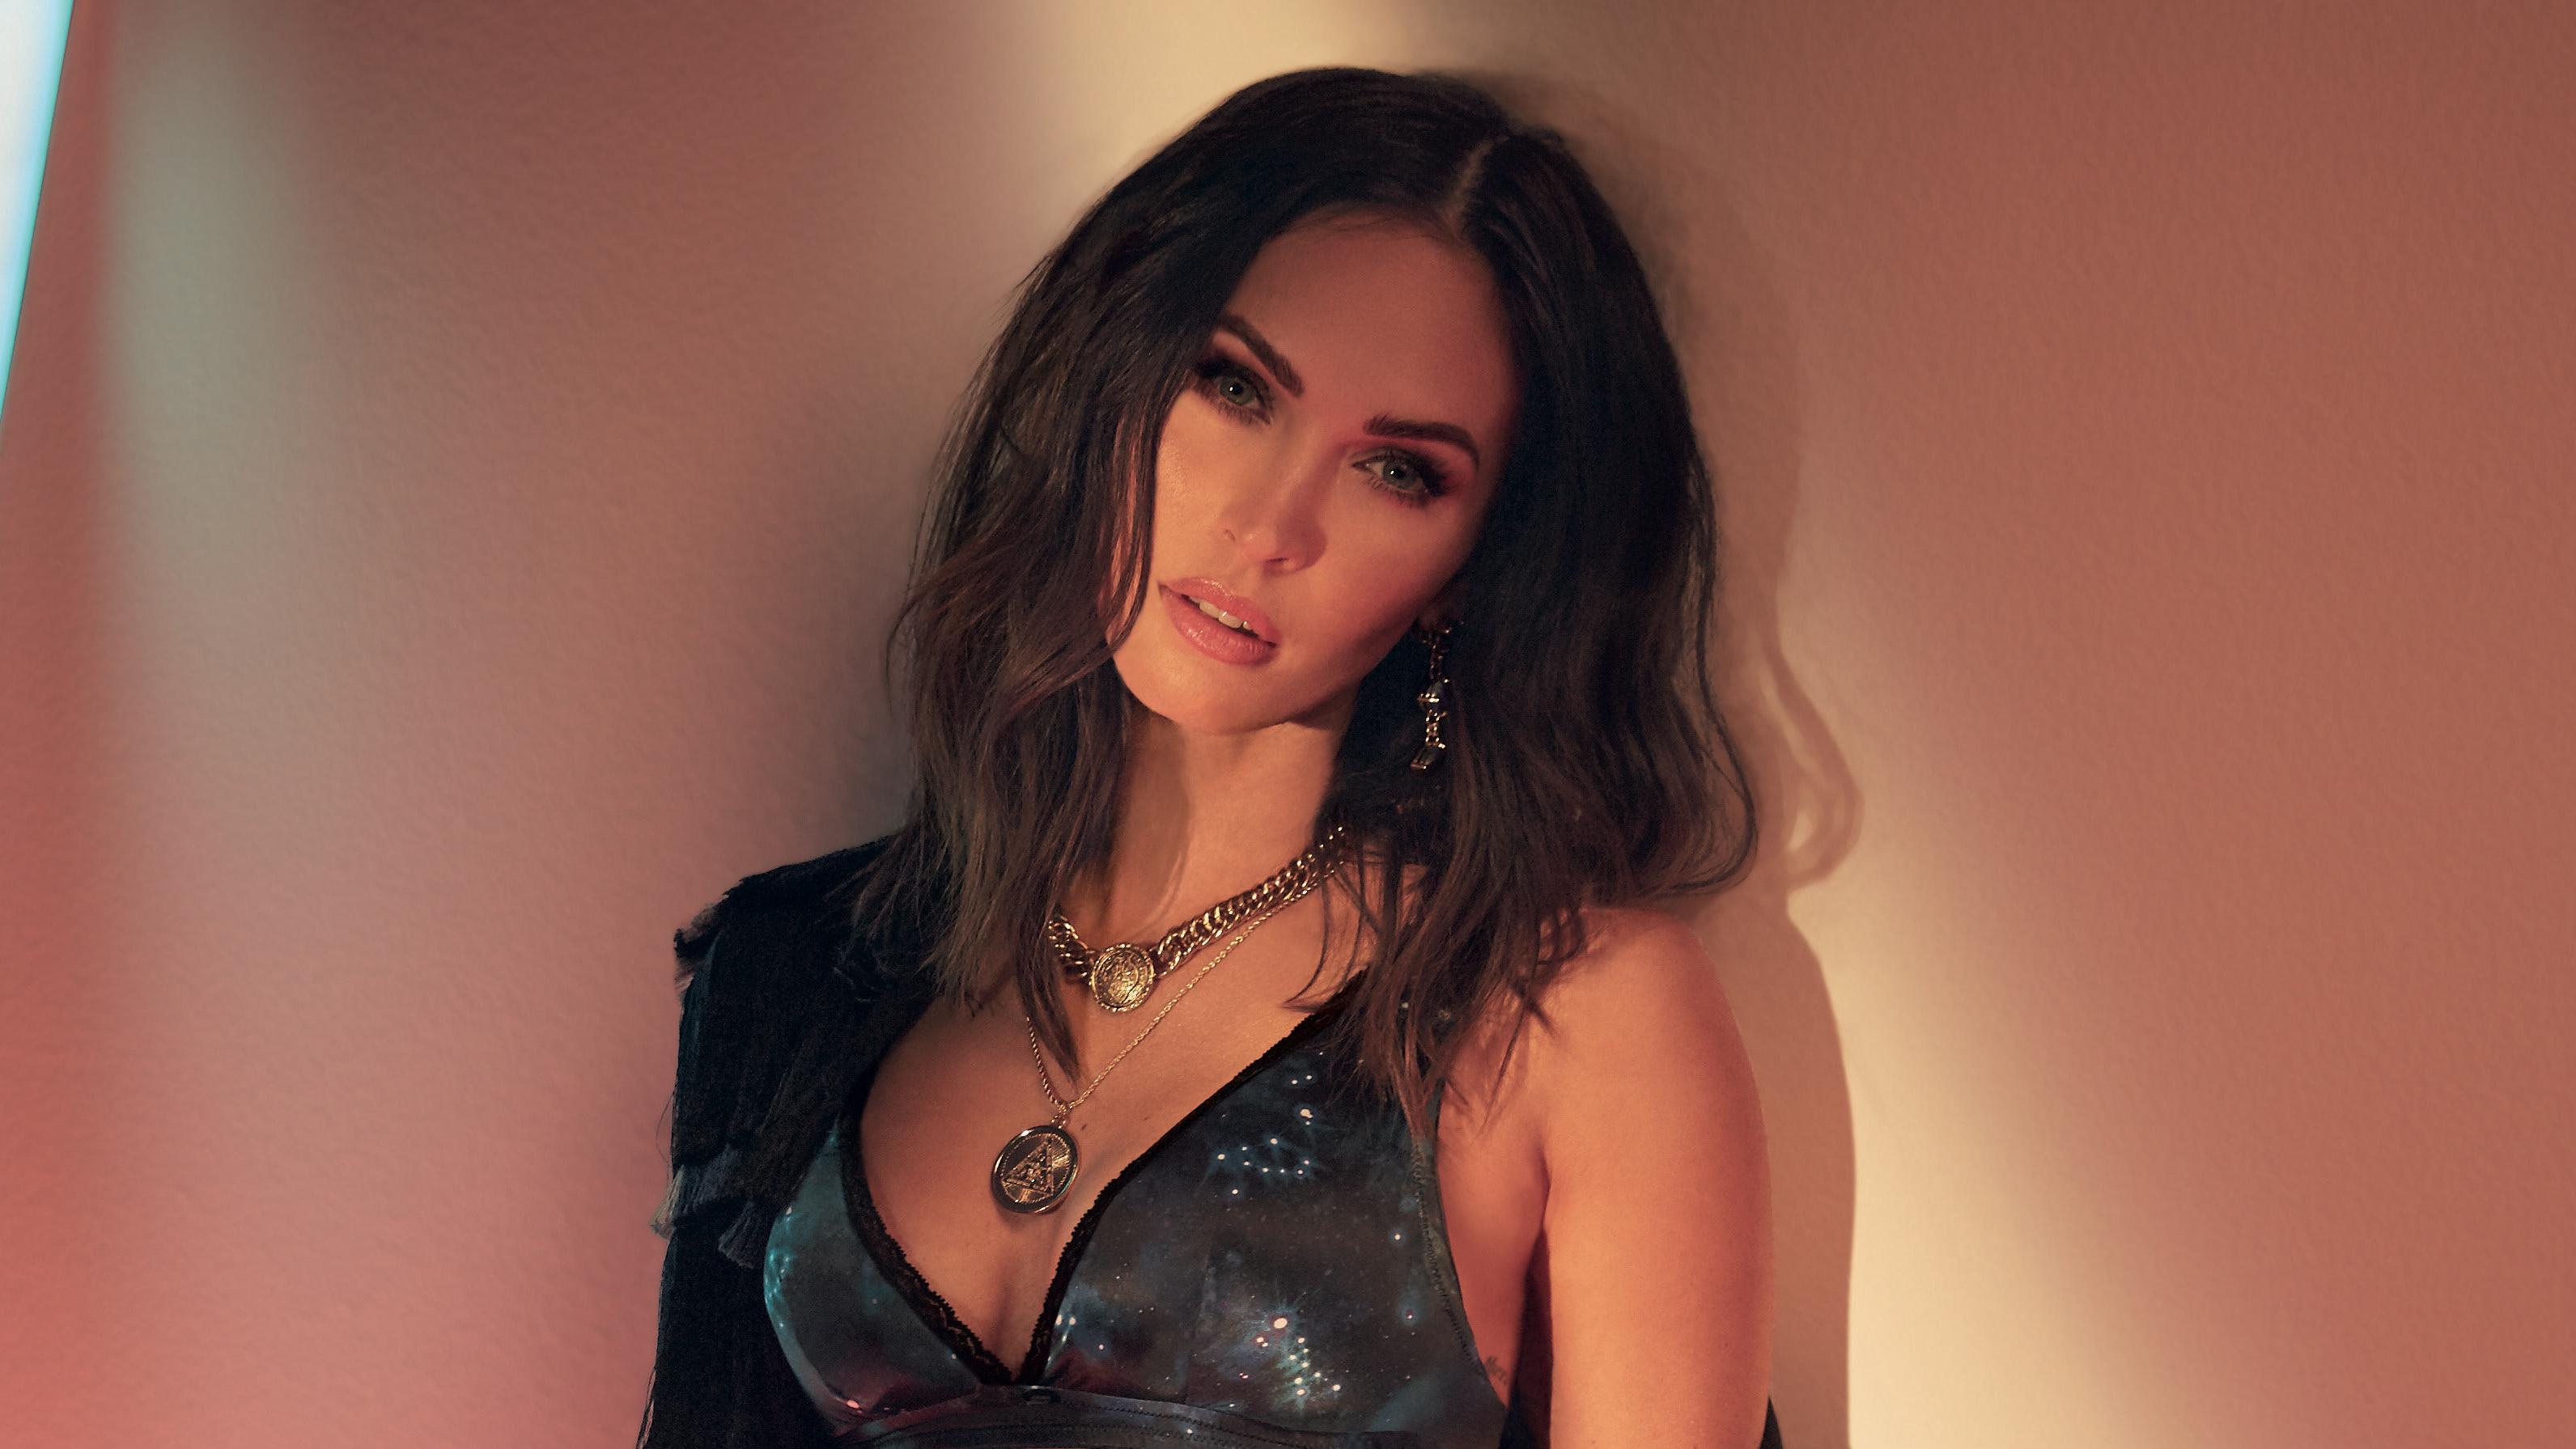 Megan Fox 2019 Photoshoot, HD Celebrities, 4k Wallpapers ...